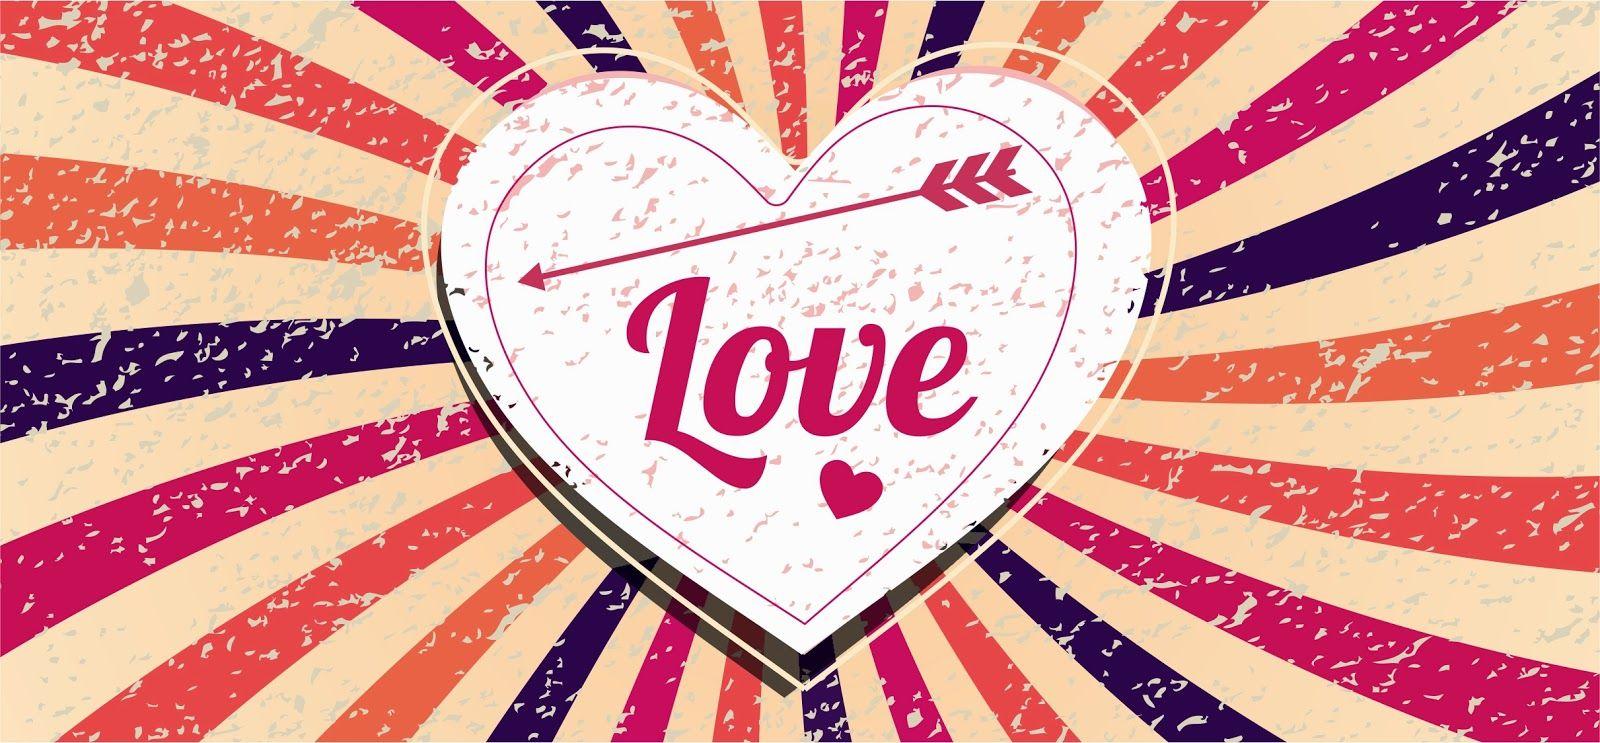 Estampas Dia Dos Namorados Sublimacao Canecas 01 Estampas